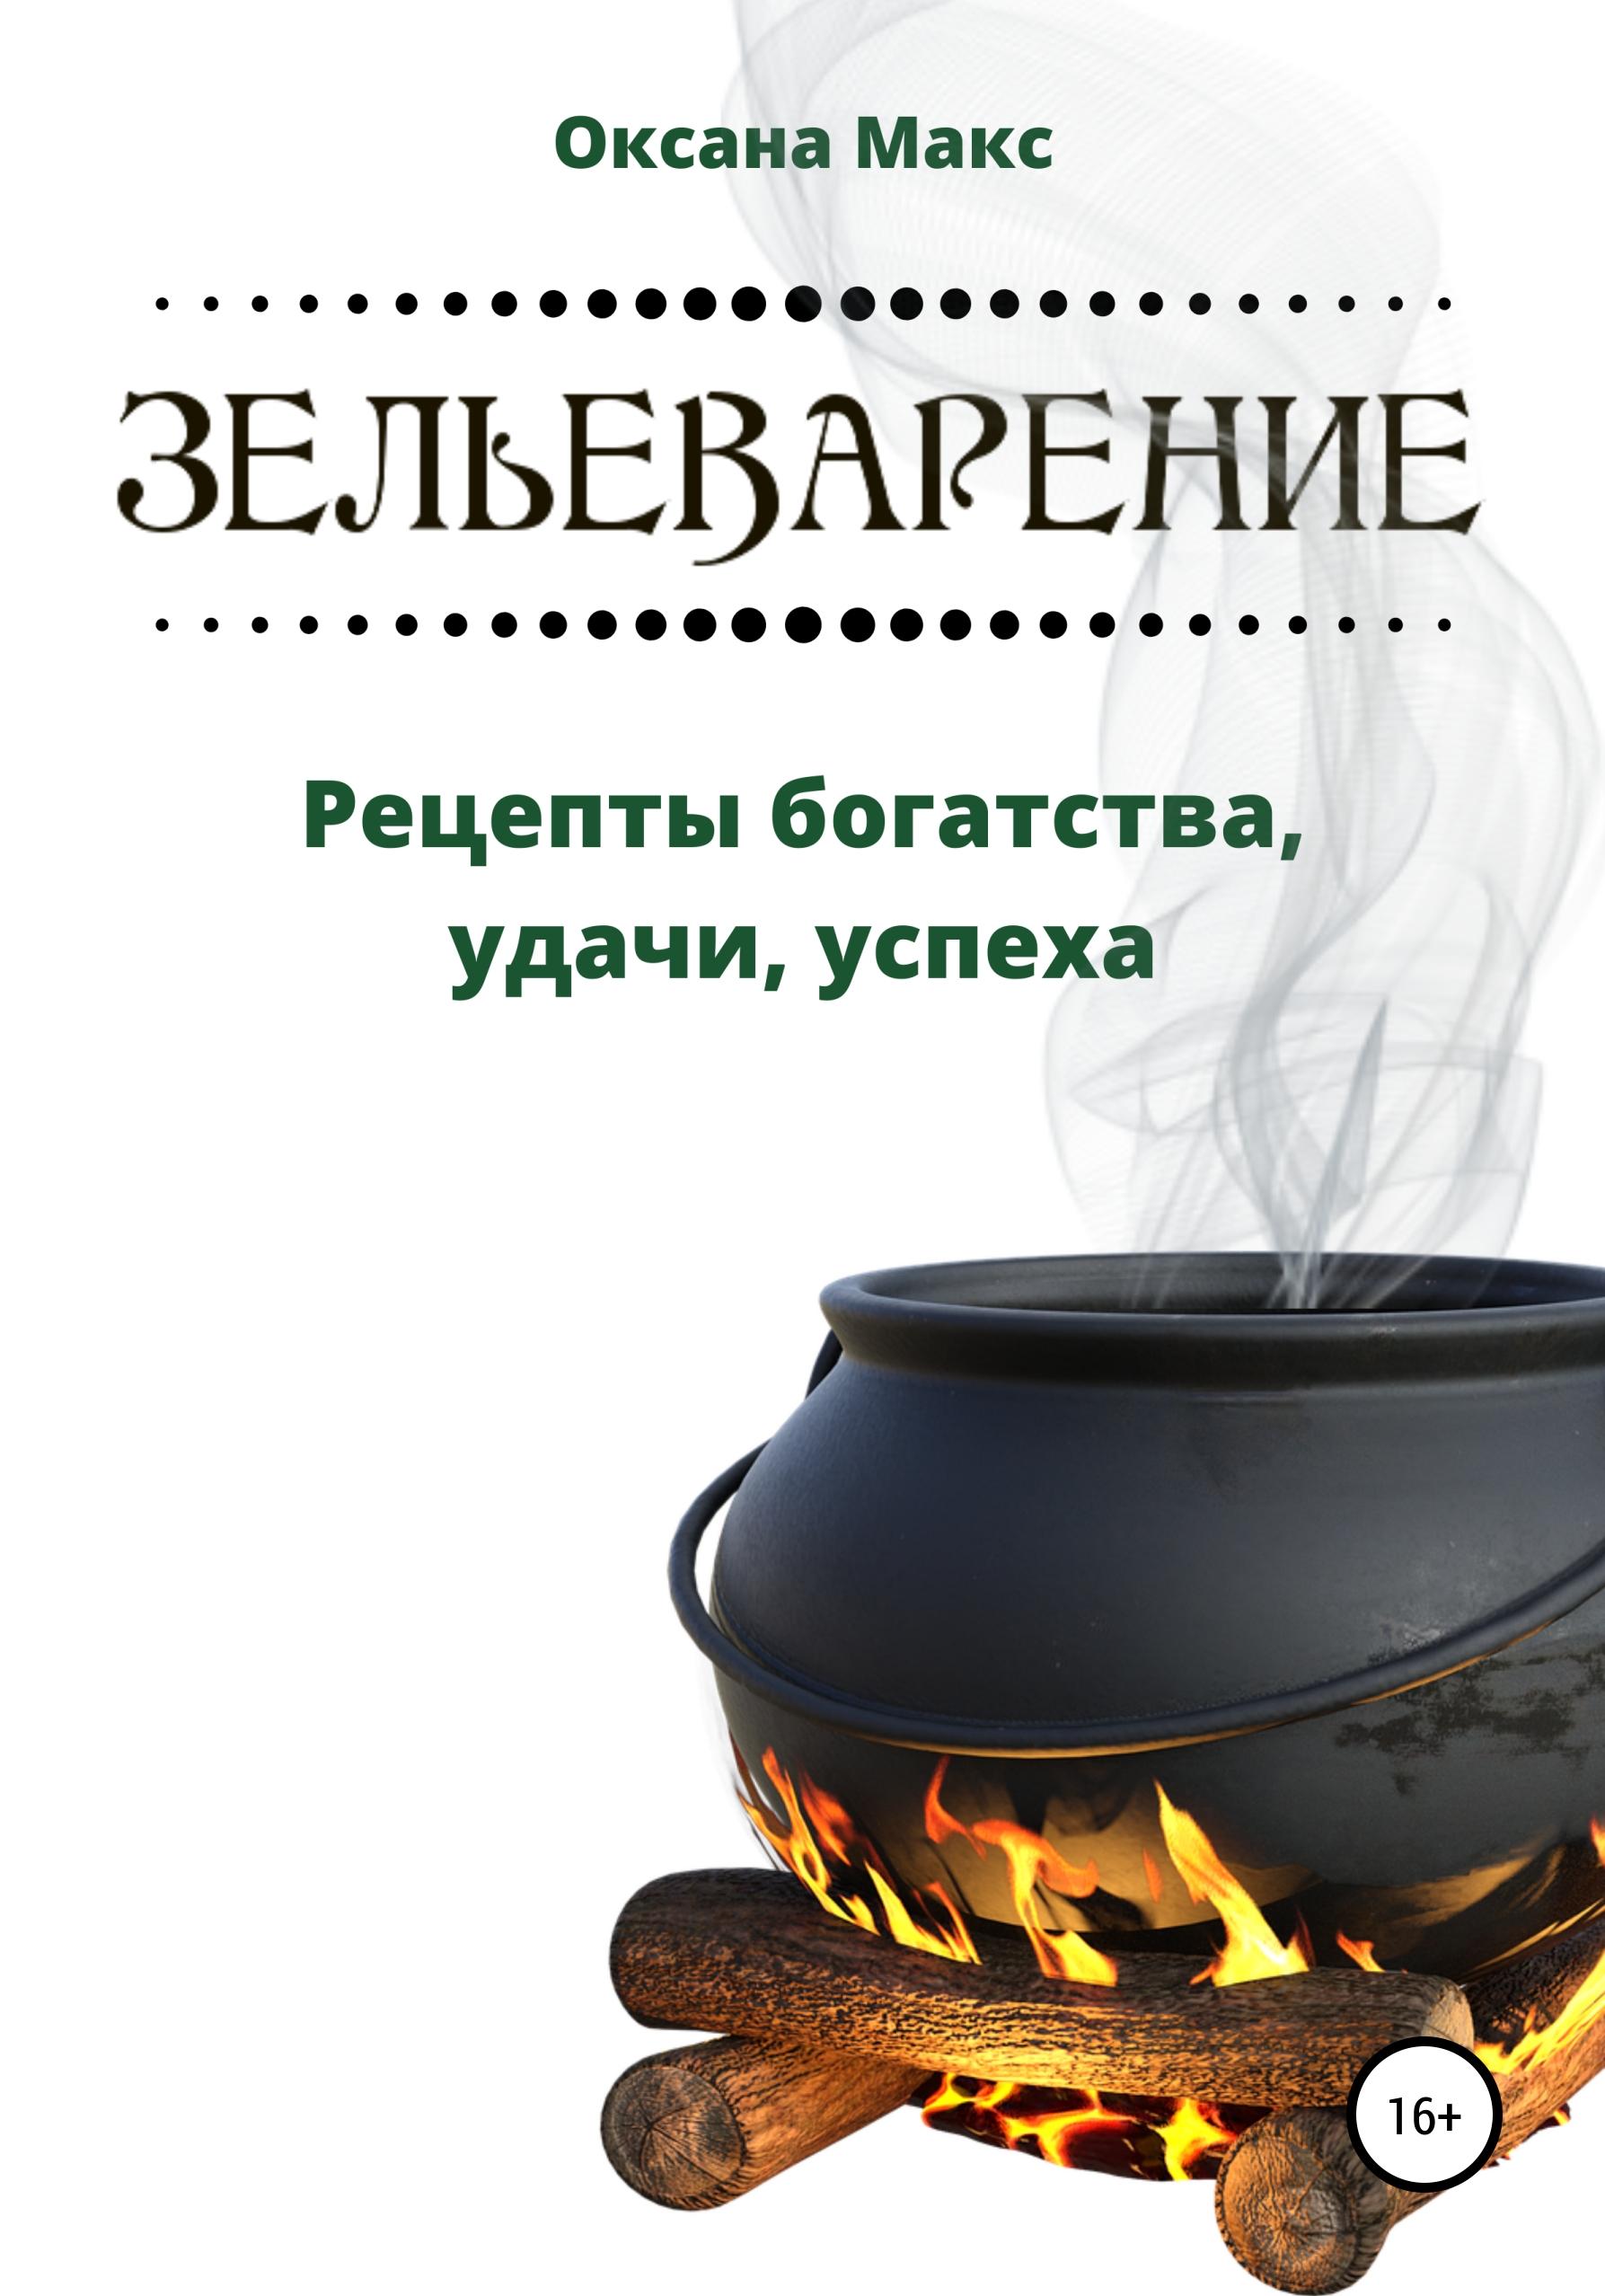 Купить книгу Зельеварение. Рецепты богатства, удачи, успеха, автора Оксаны Макс